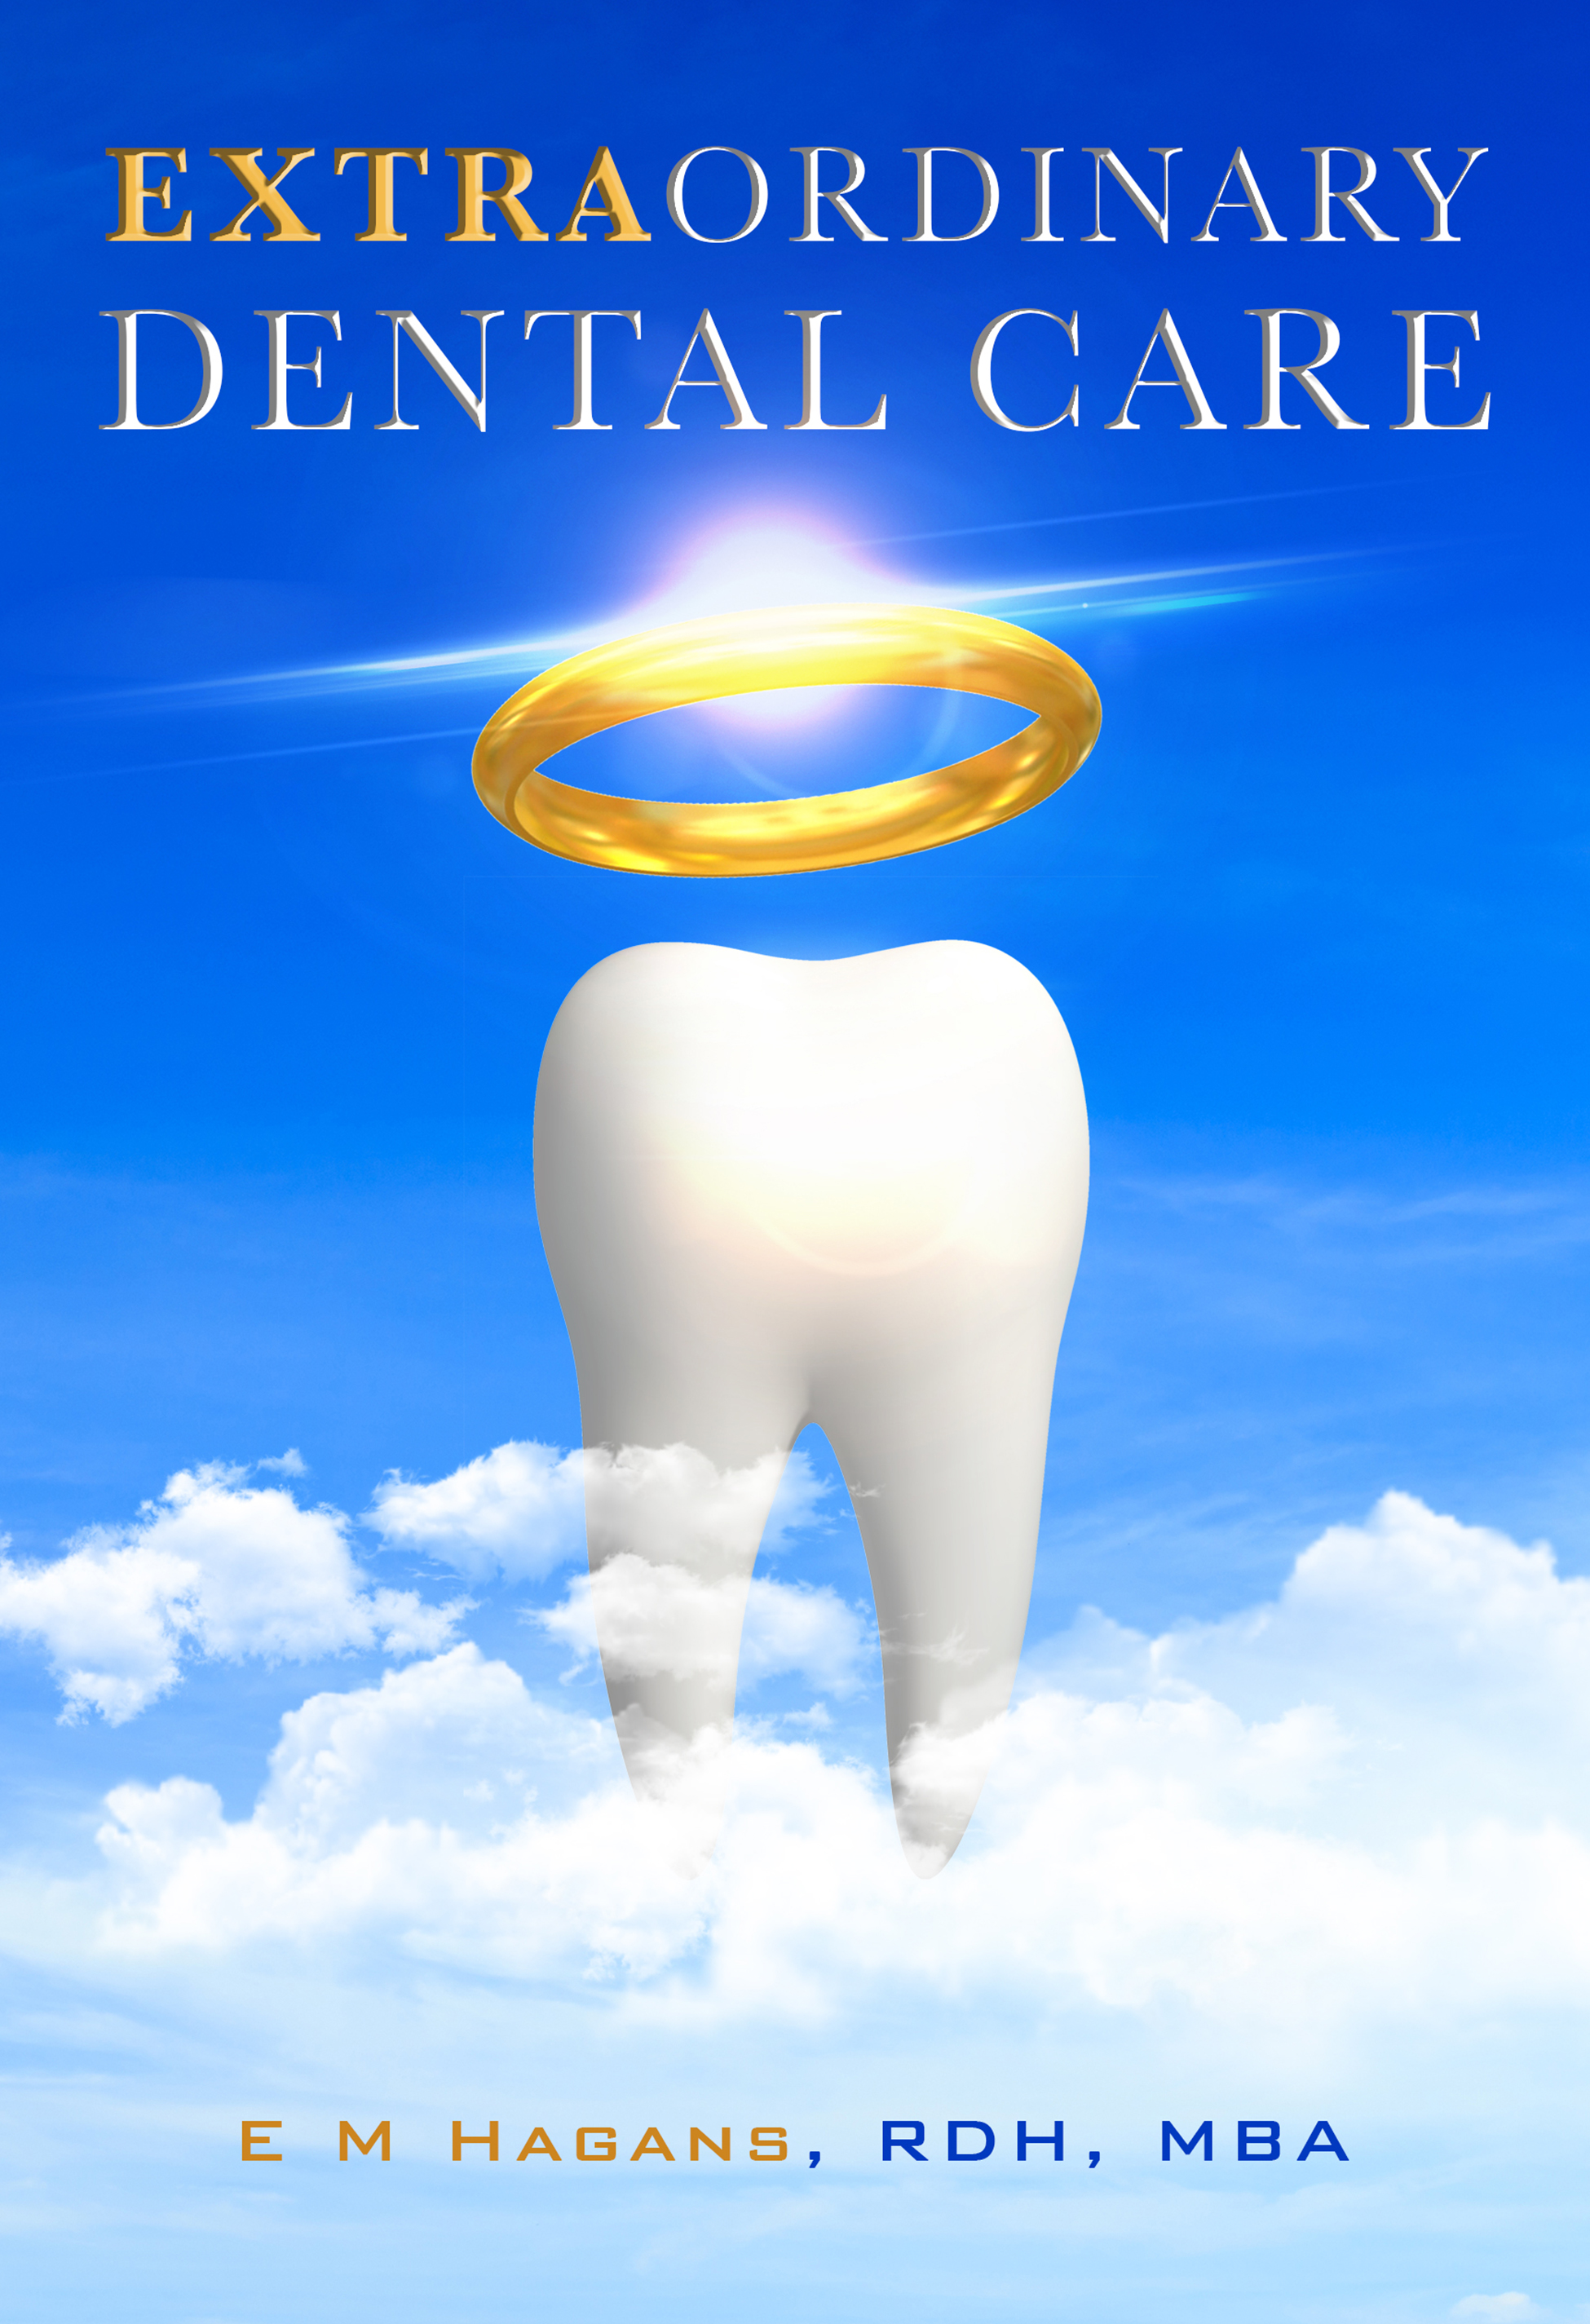 Extraordinary Dental Care